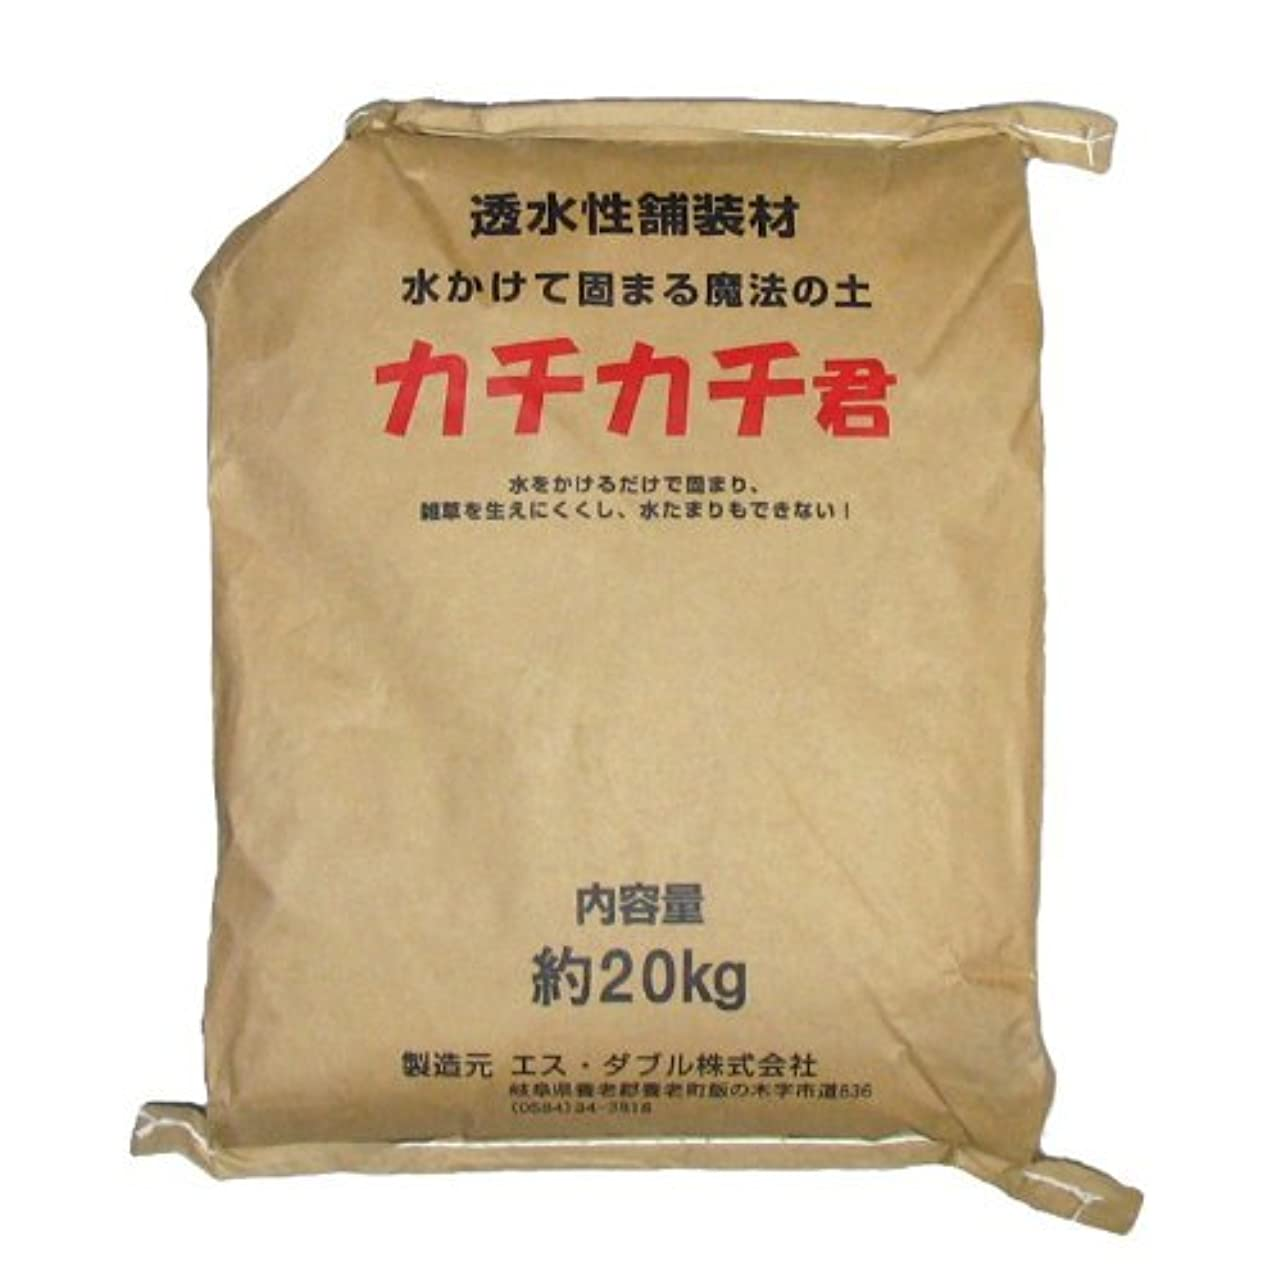 失業折鏡マリン商事 魔法の土 カチカチ君 (1袋)20kgx3袋組